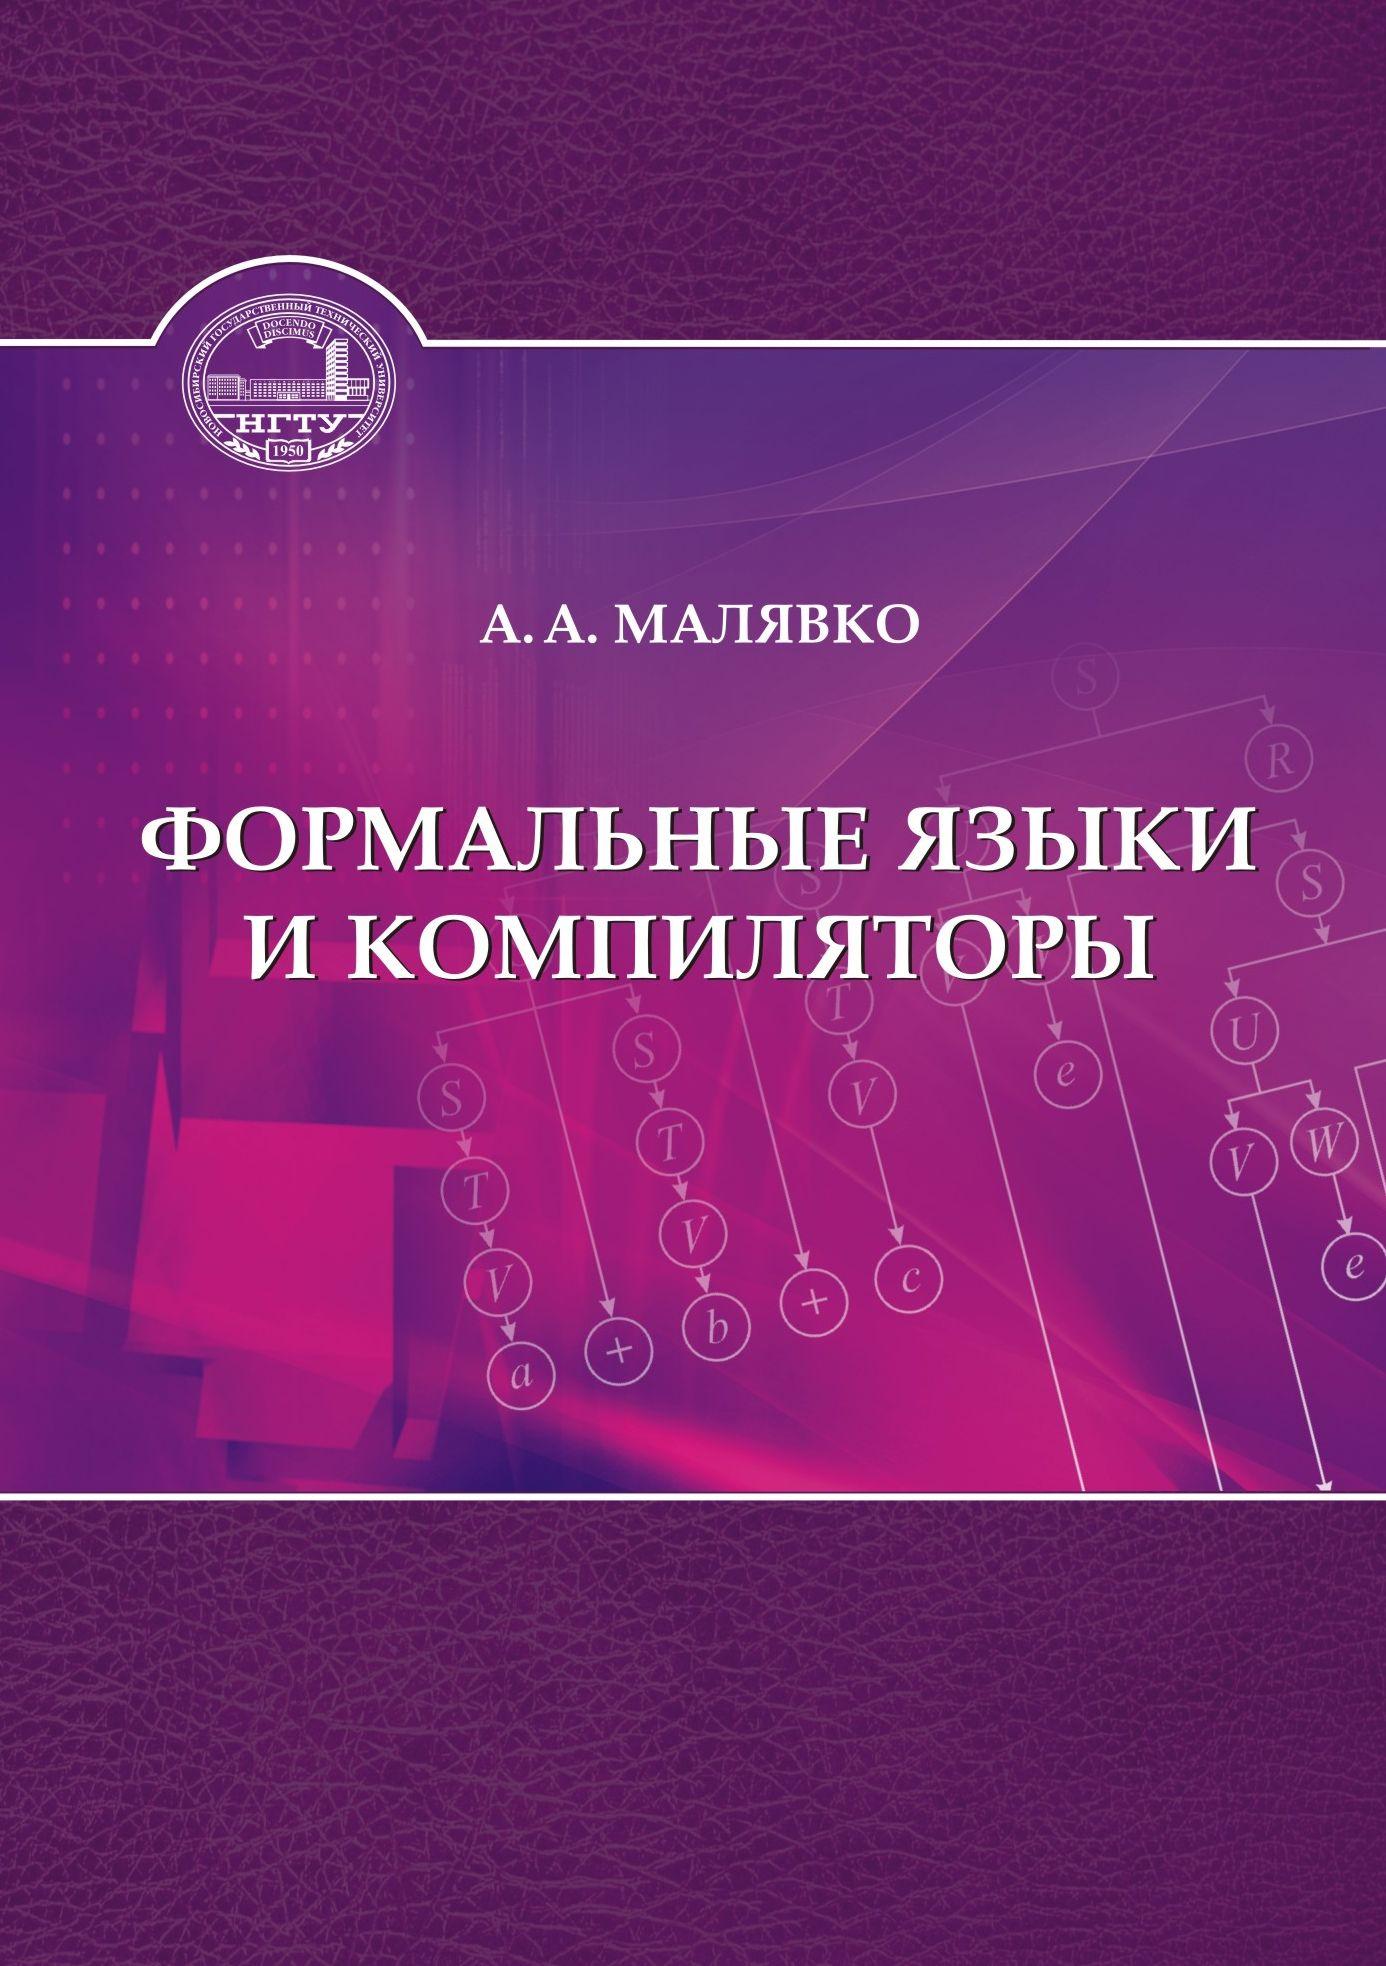 Формальные языки и компиляторы